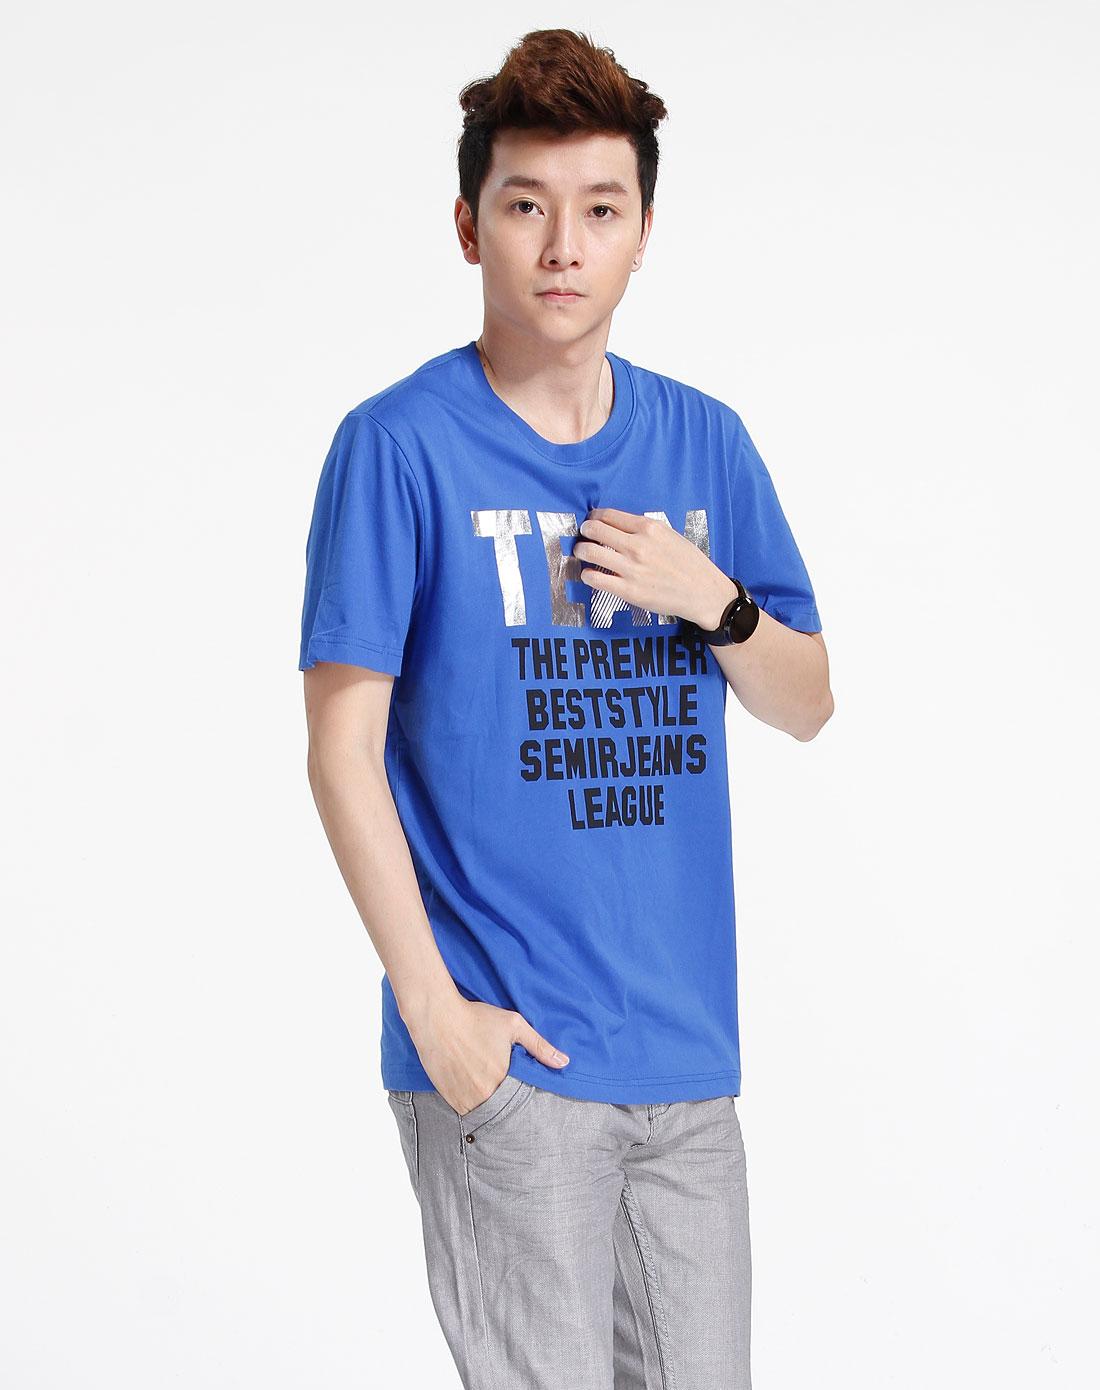 森马-男装蓝色印字休闲短袖t恤002141022-830图片